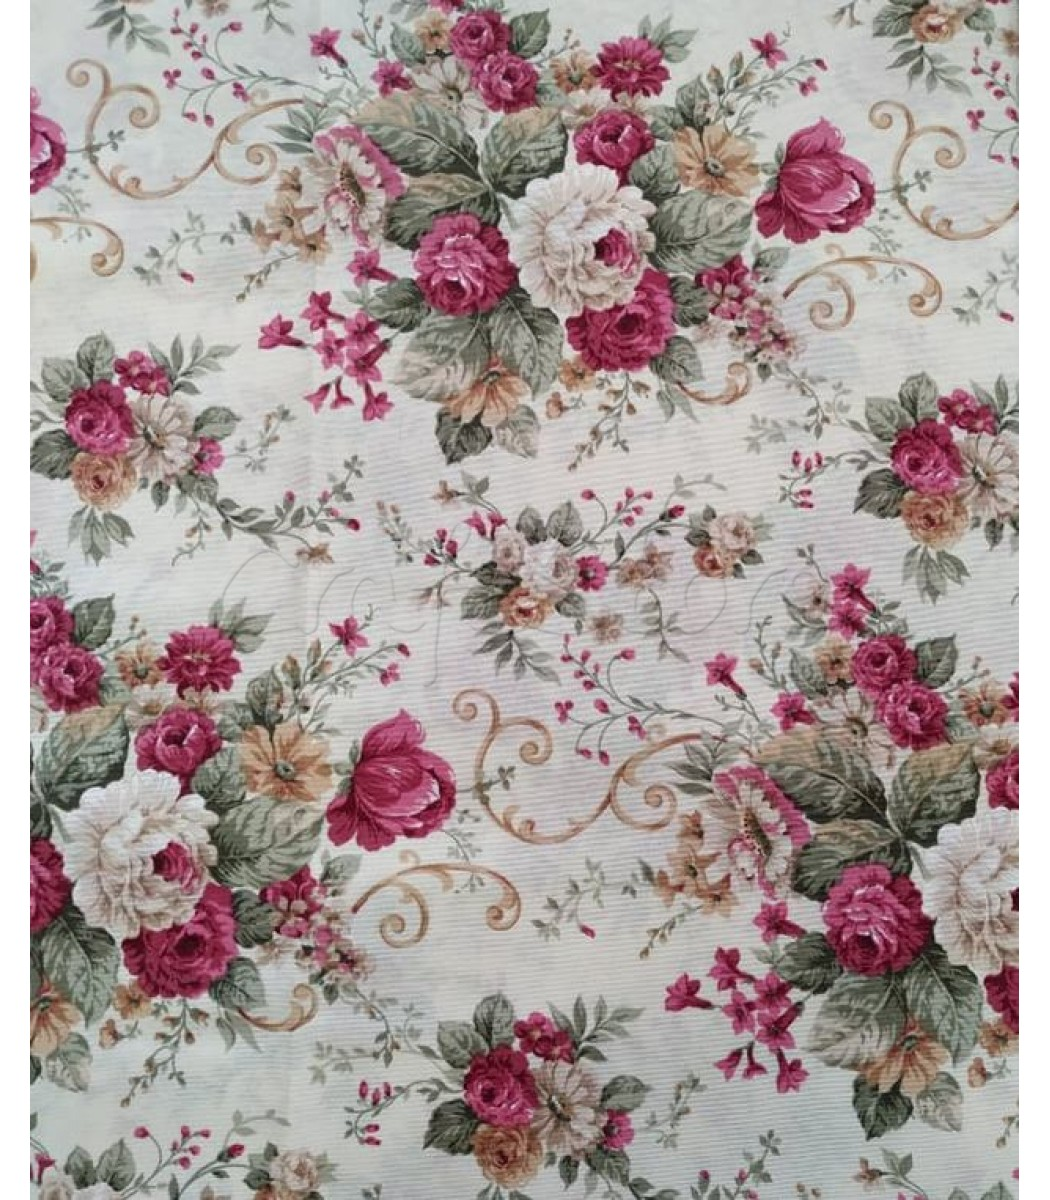 80346c6f2c6b Λονέτα Floral Φούξια Τριαντάφυλλα 40εκ. x 1μ.